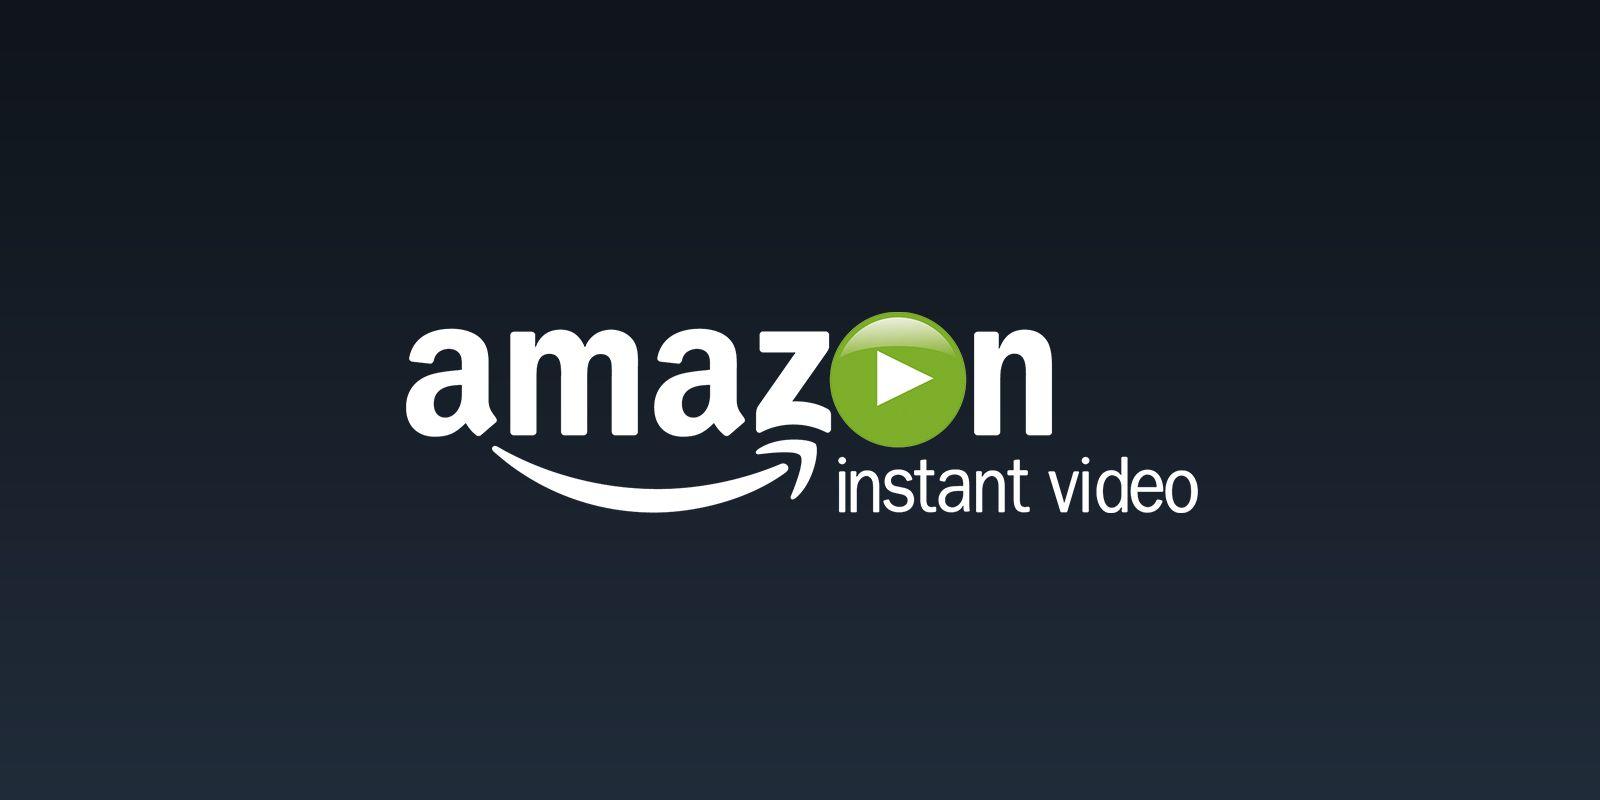 Amazon.Prime Video